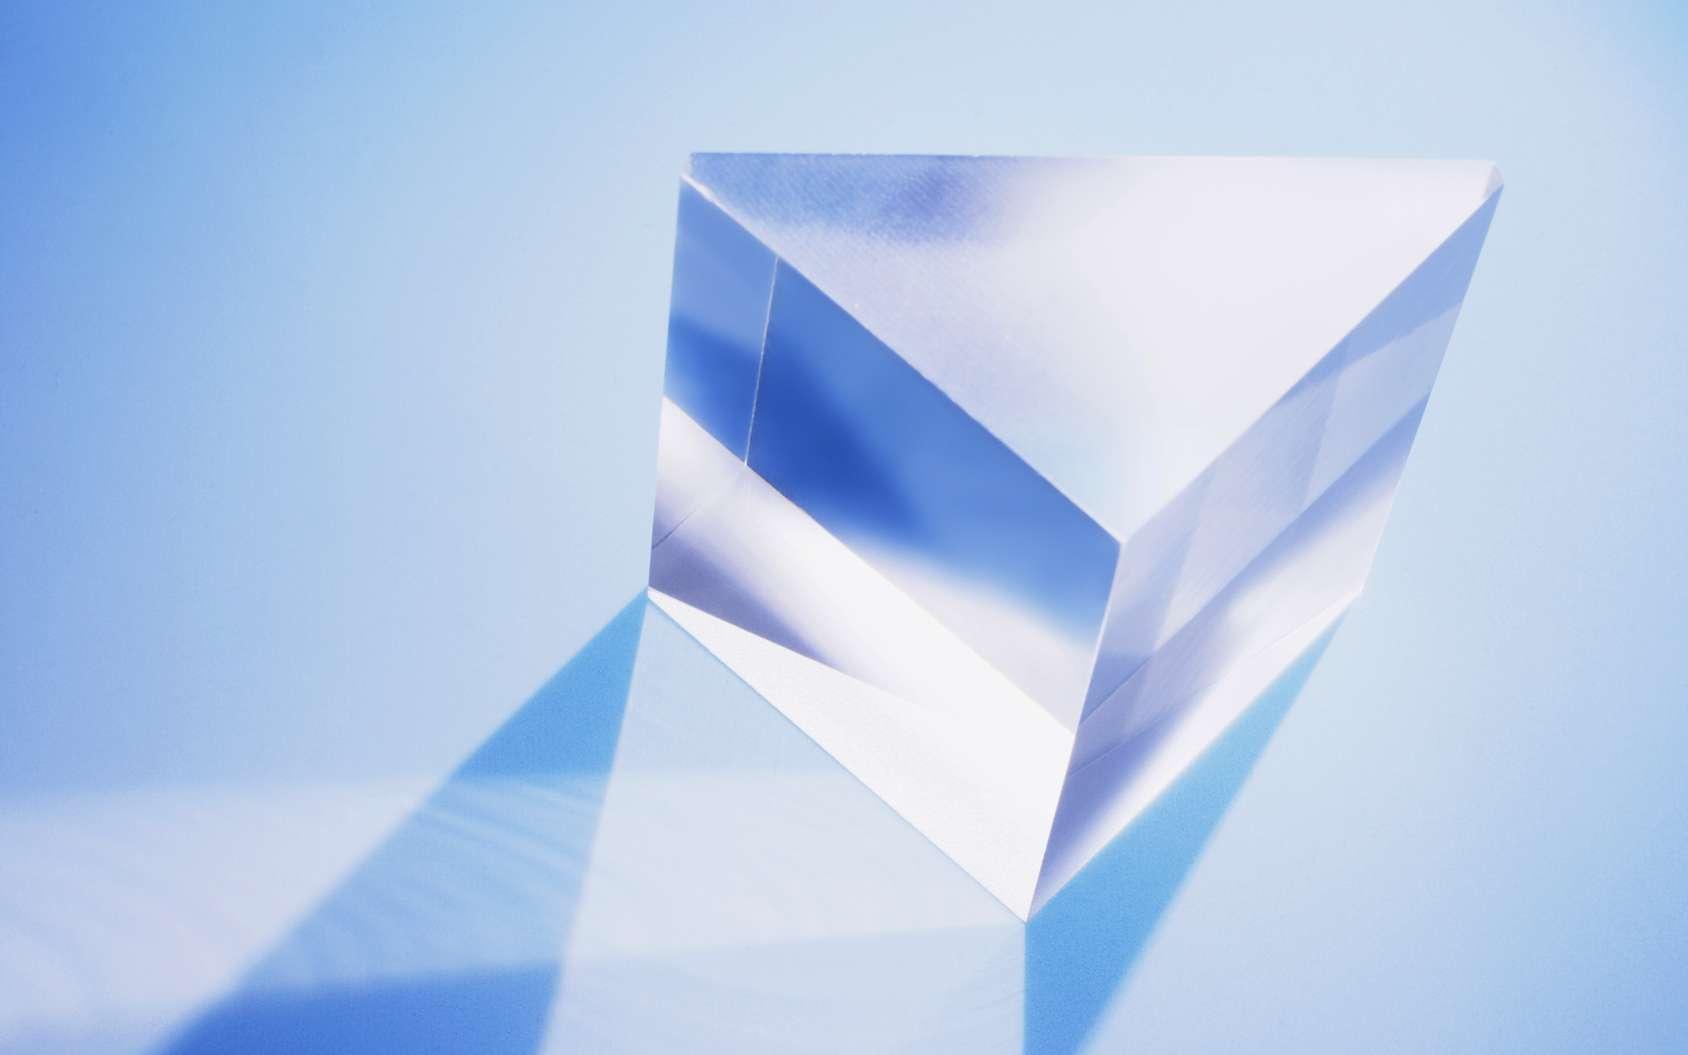 Un morceau de verre a été doté d'une intelligence artificielle. © fotomatrix, Fotolia